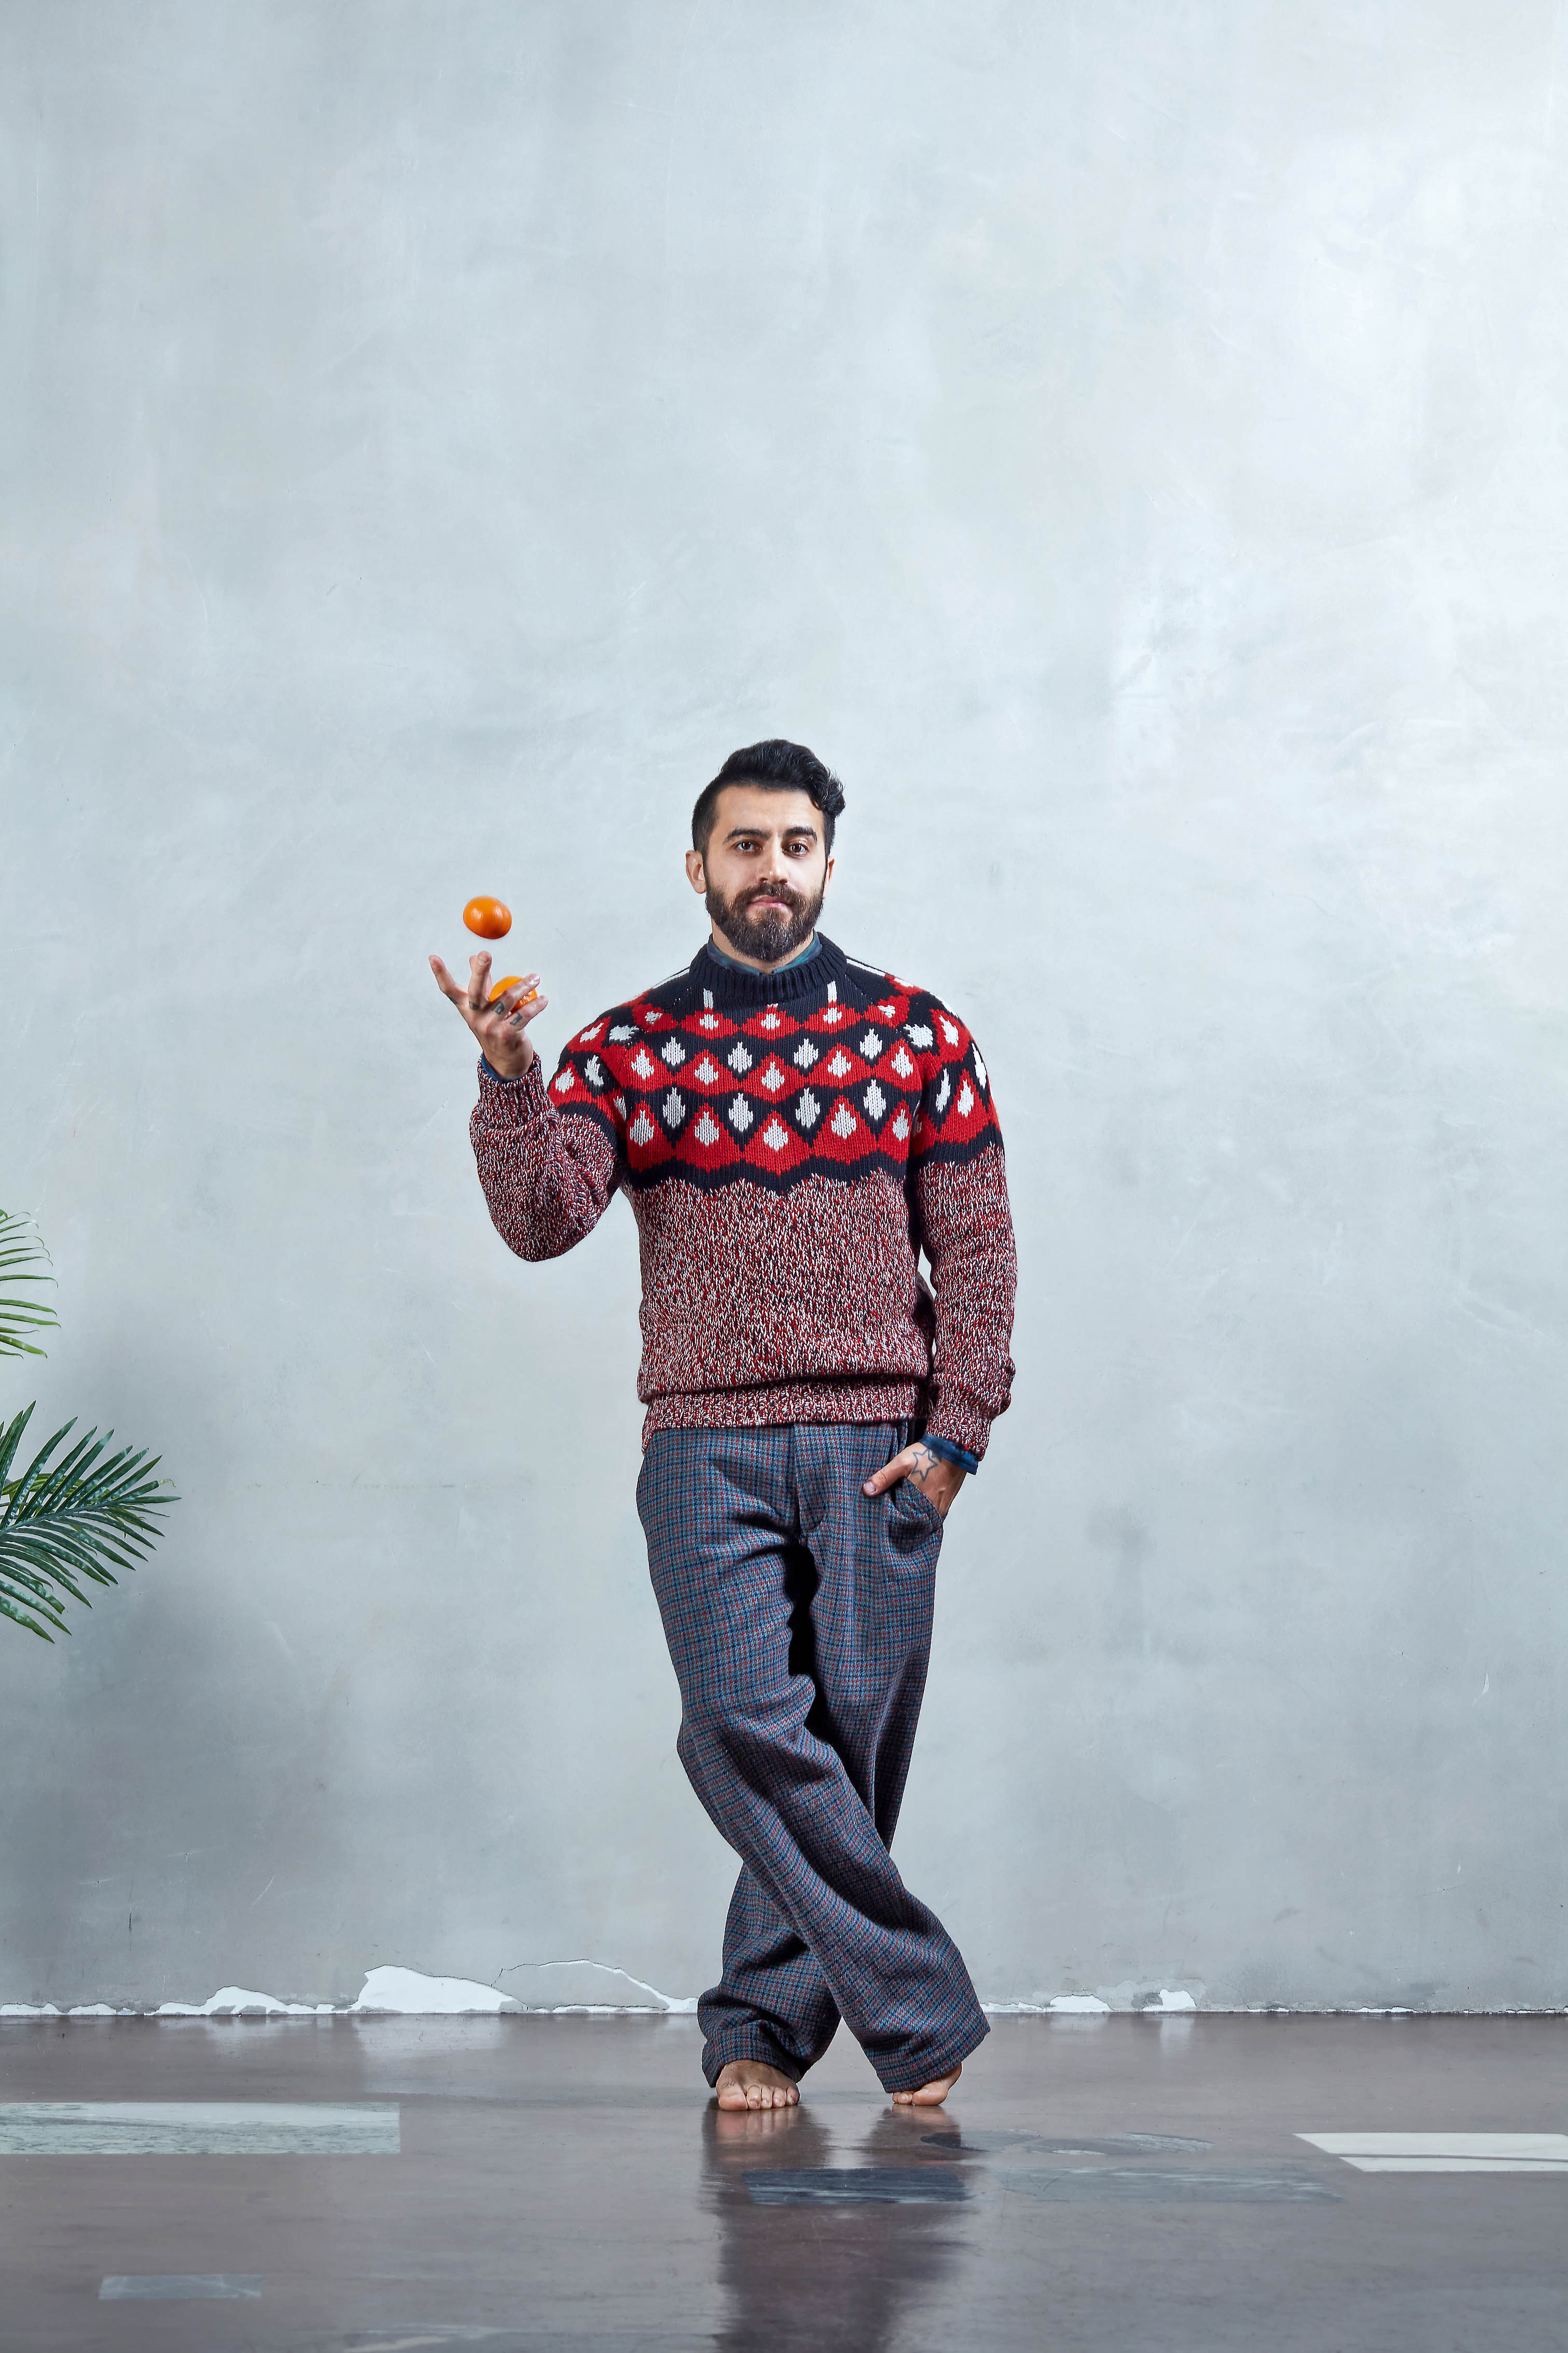 Рубашка Paul Smith, джемпер Prada, брюки Comme des Garçons